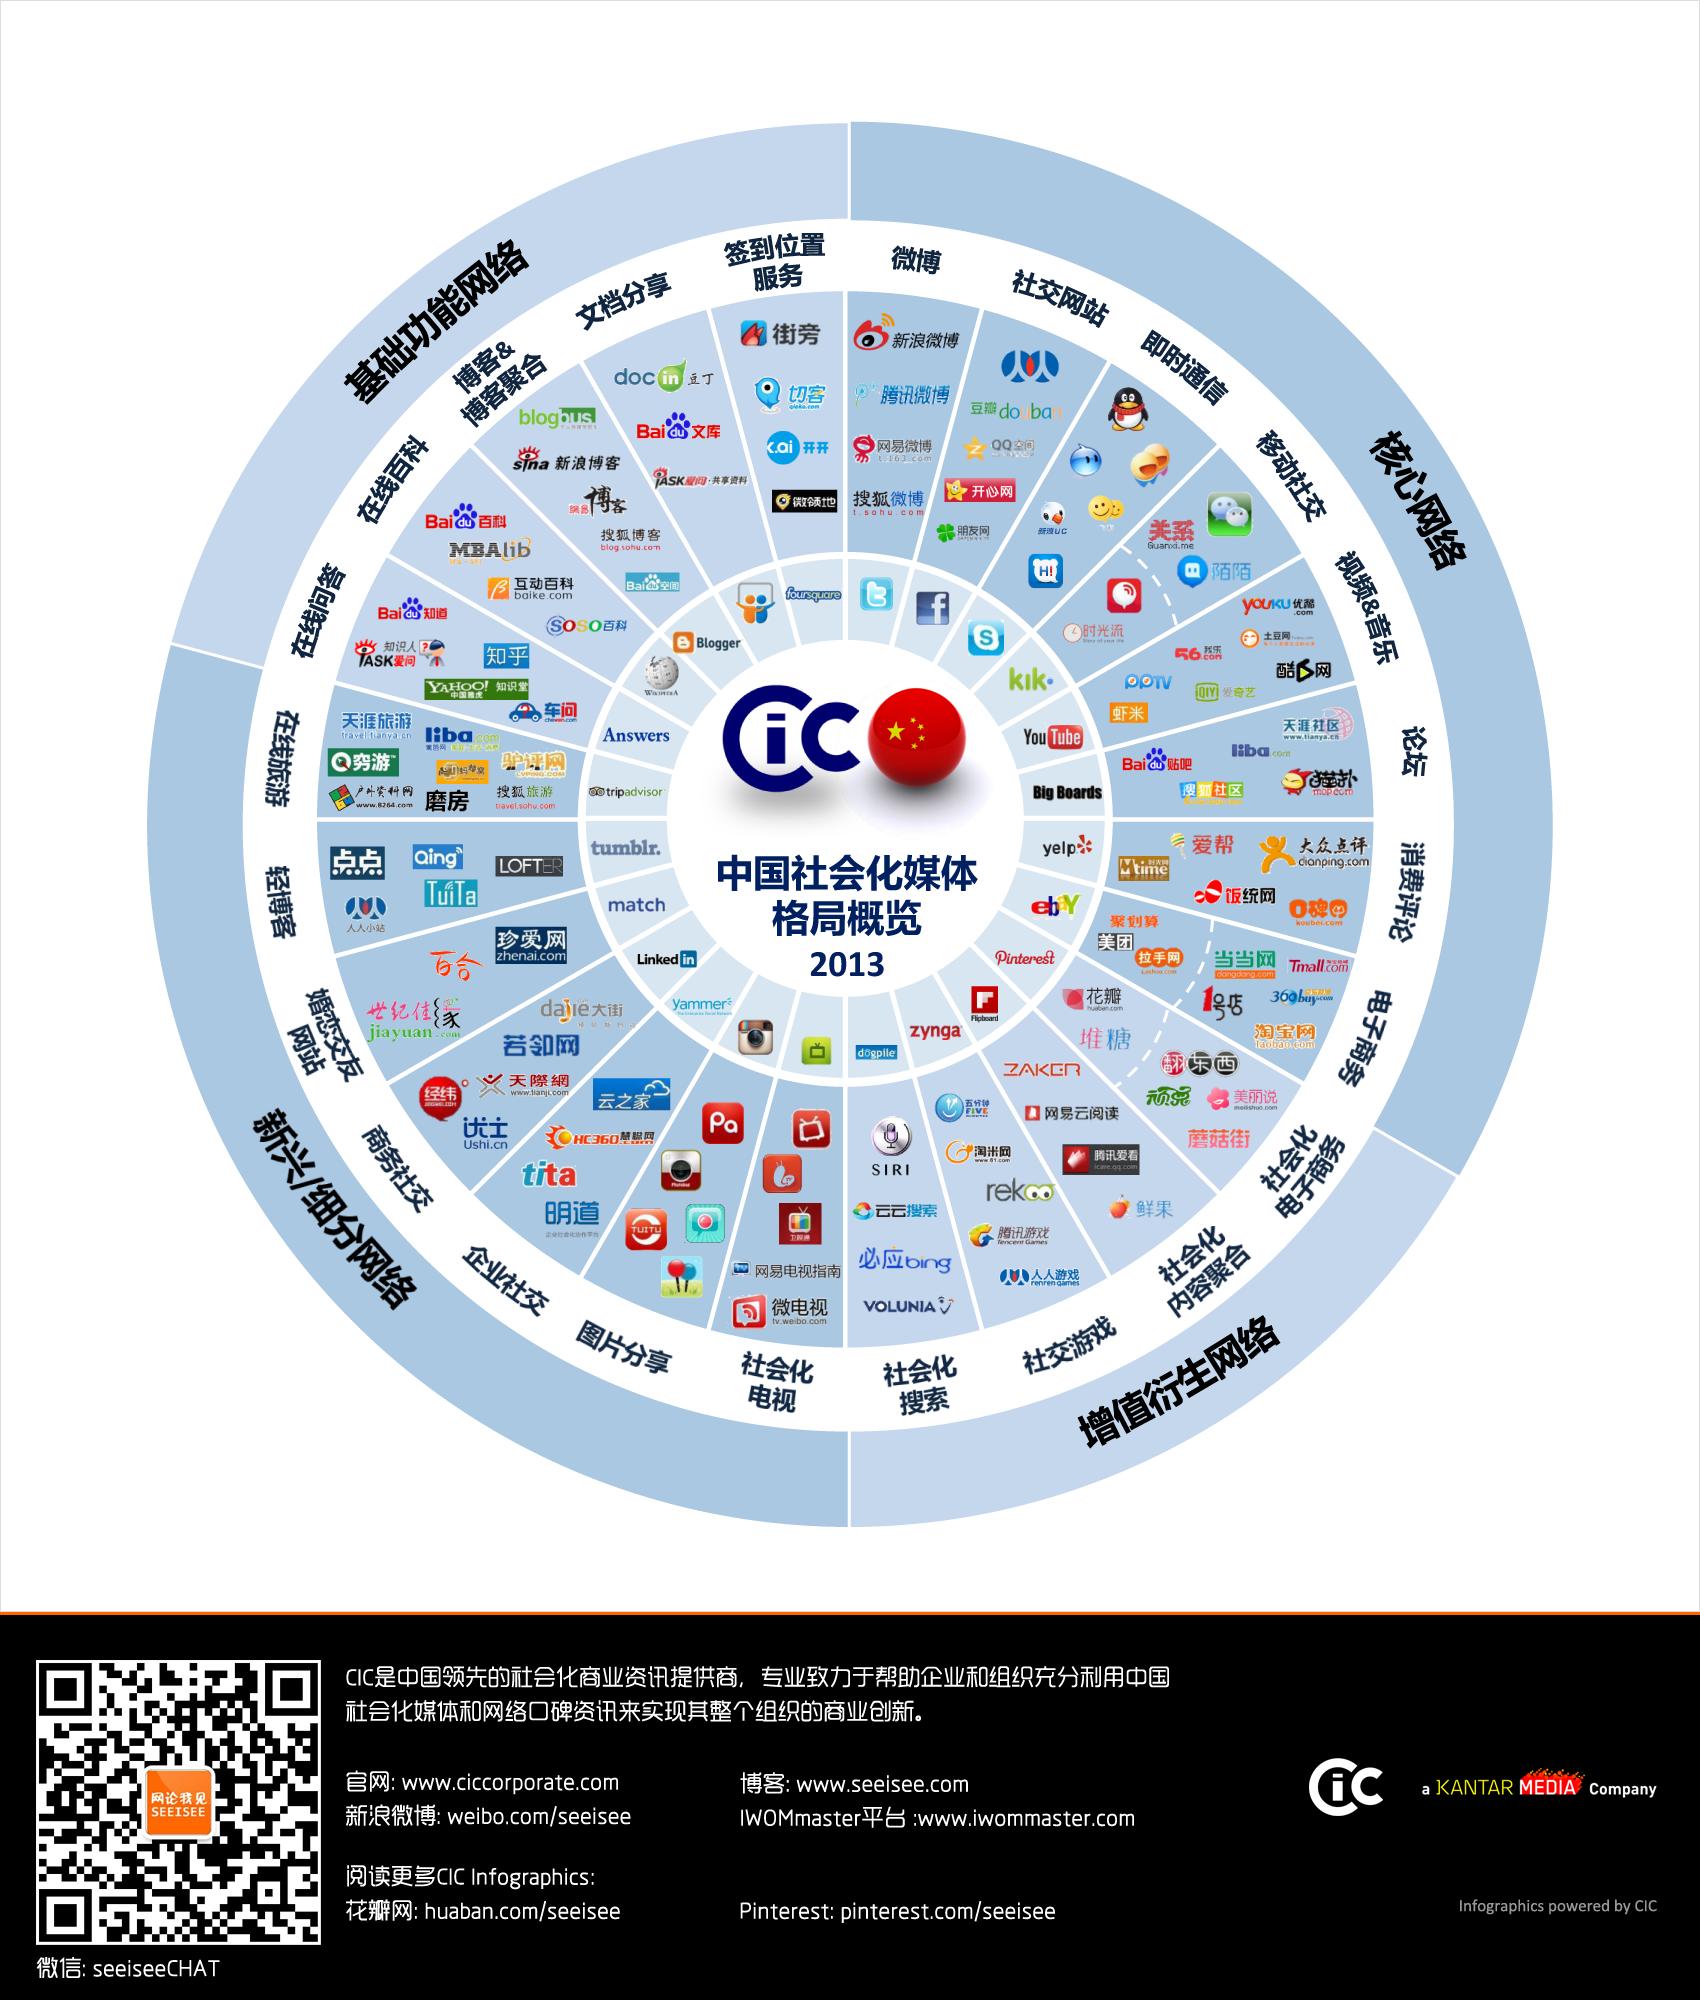 cic-2013-china-social-media-landscape-large-cn.png